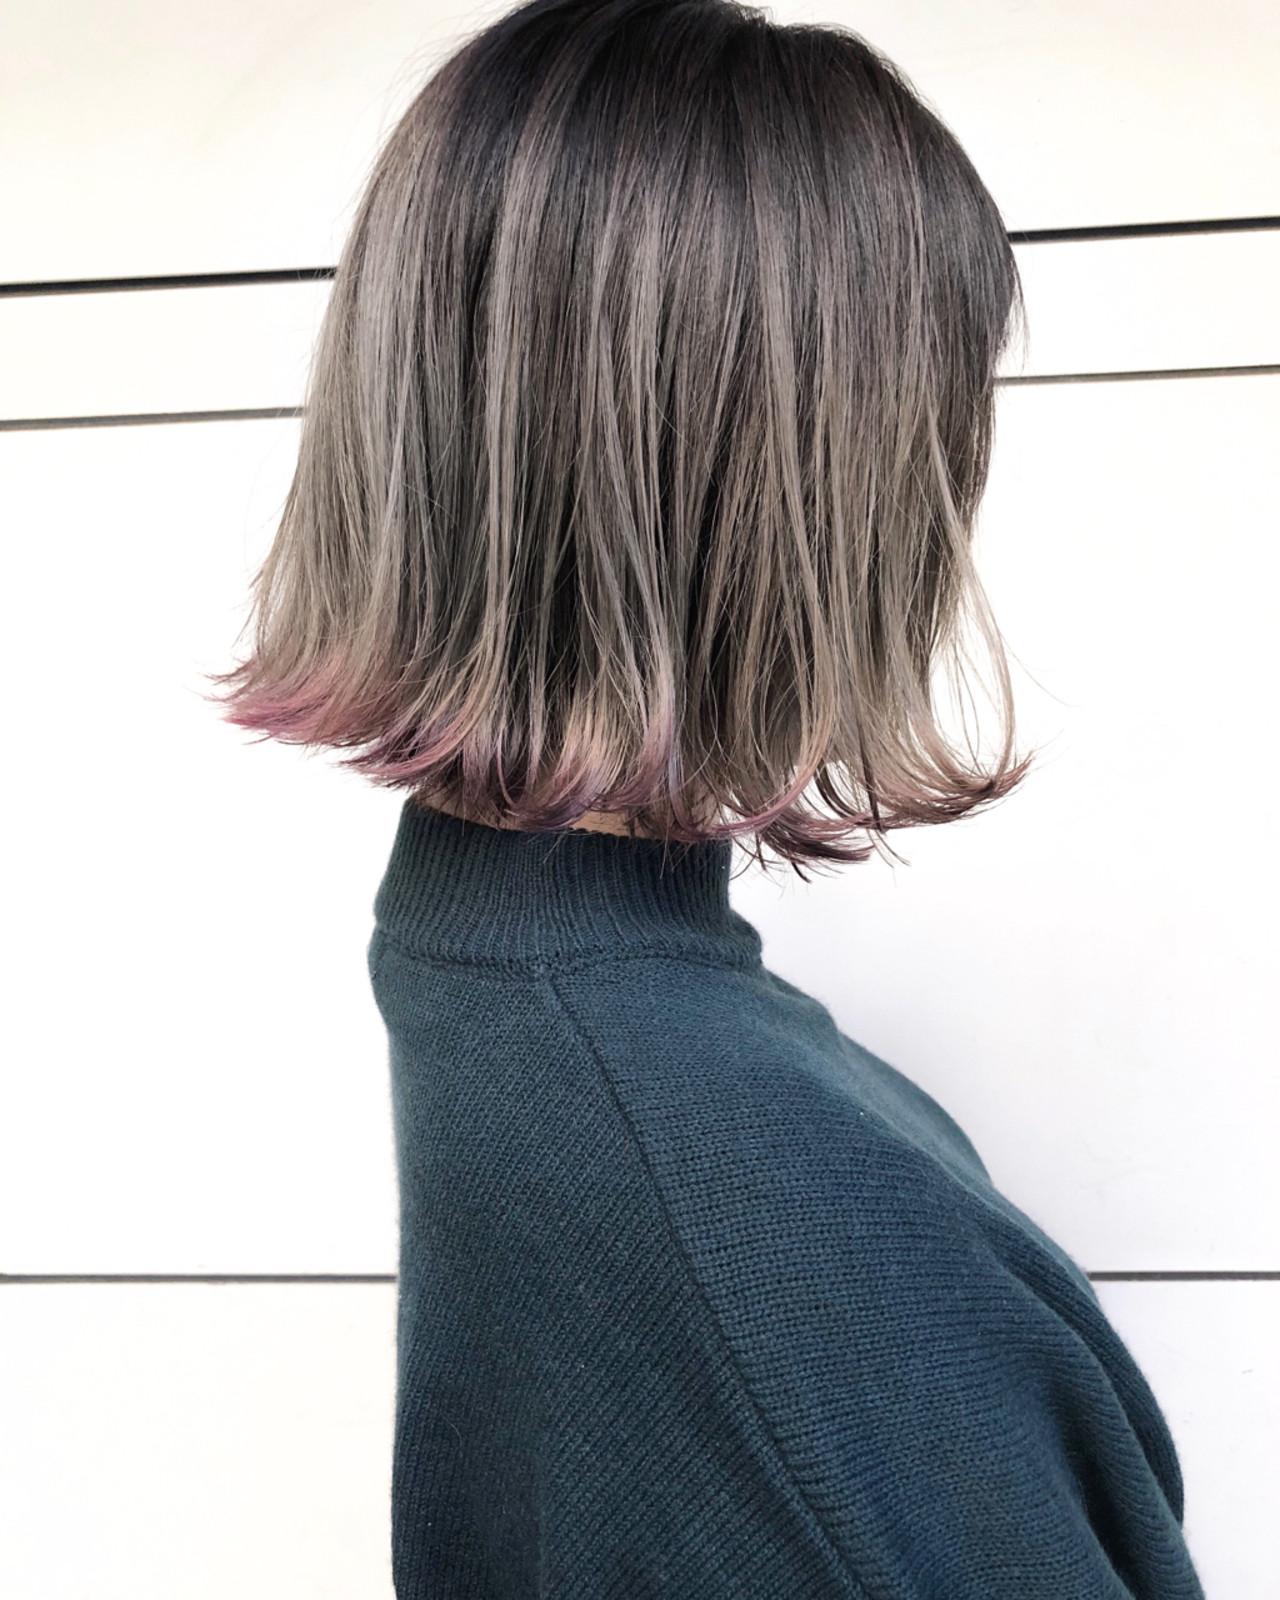 ボブ ロブ ハイライト ナチュラル ヘアスタイルや髪型の写真・画像 | スガ シュンスケ / Tierra (ティエラ)